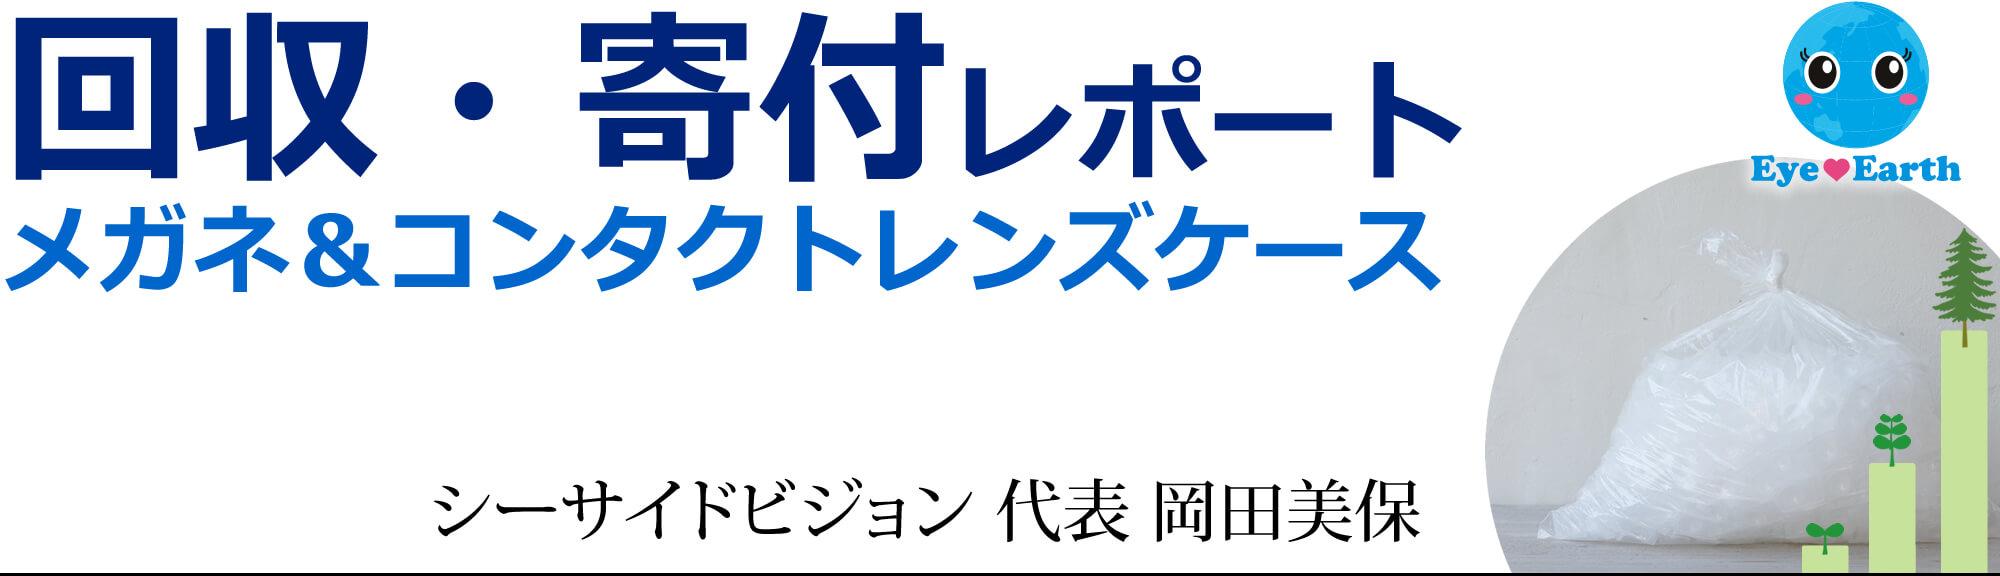 岡田美保ブログ